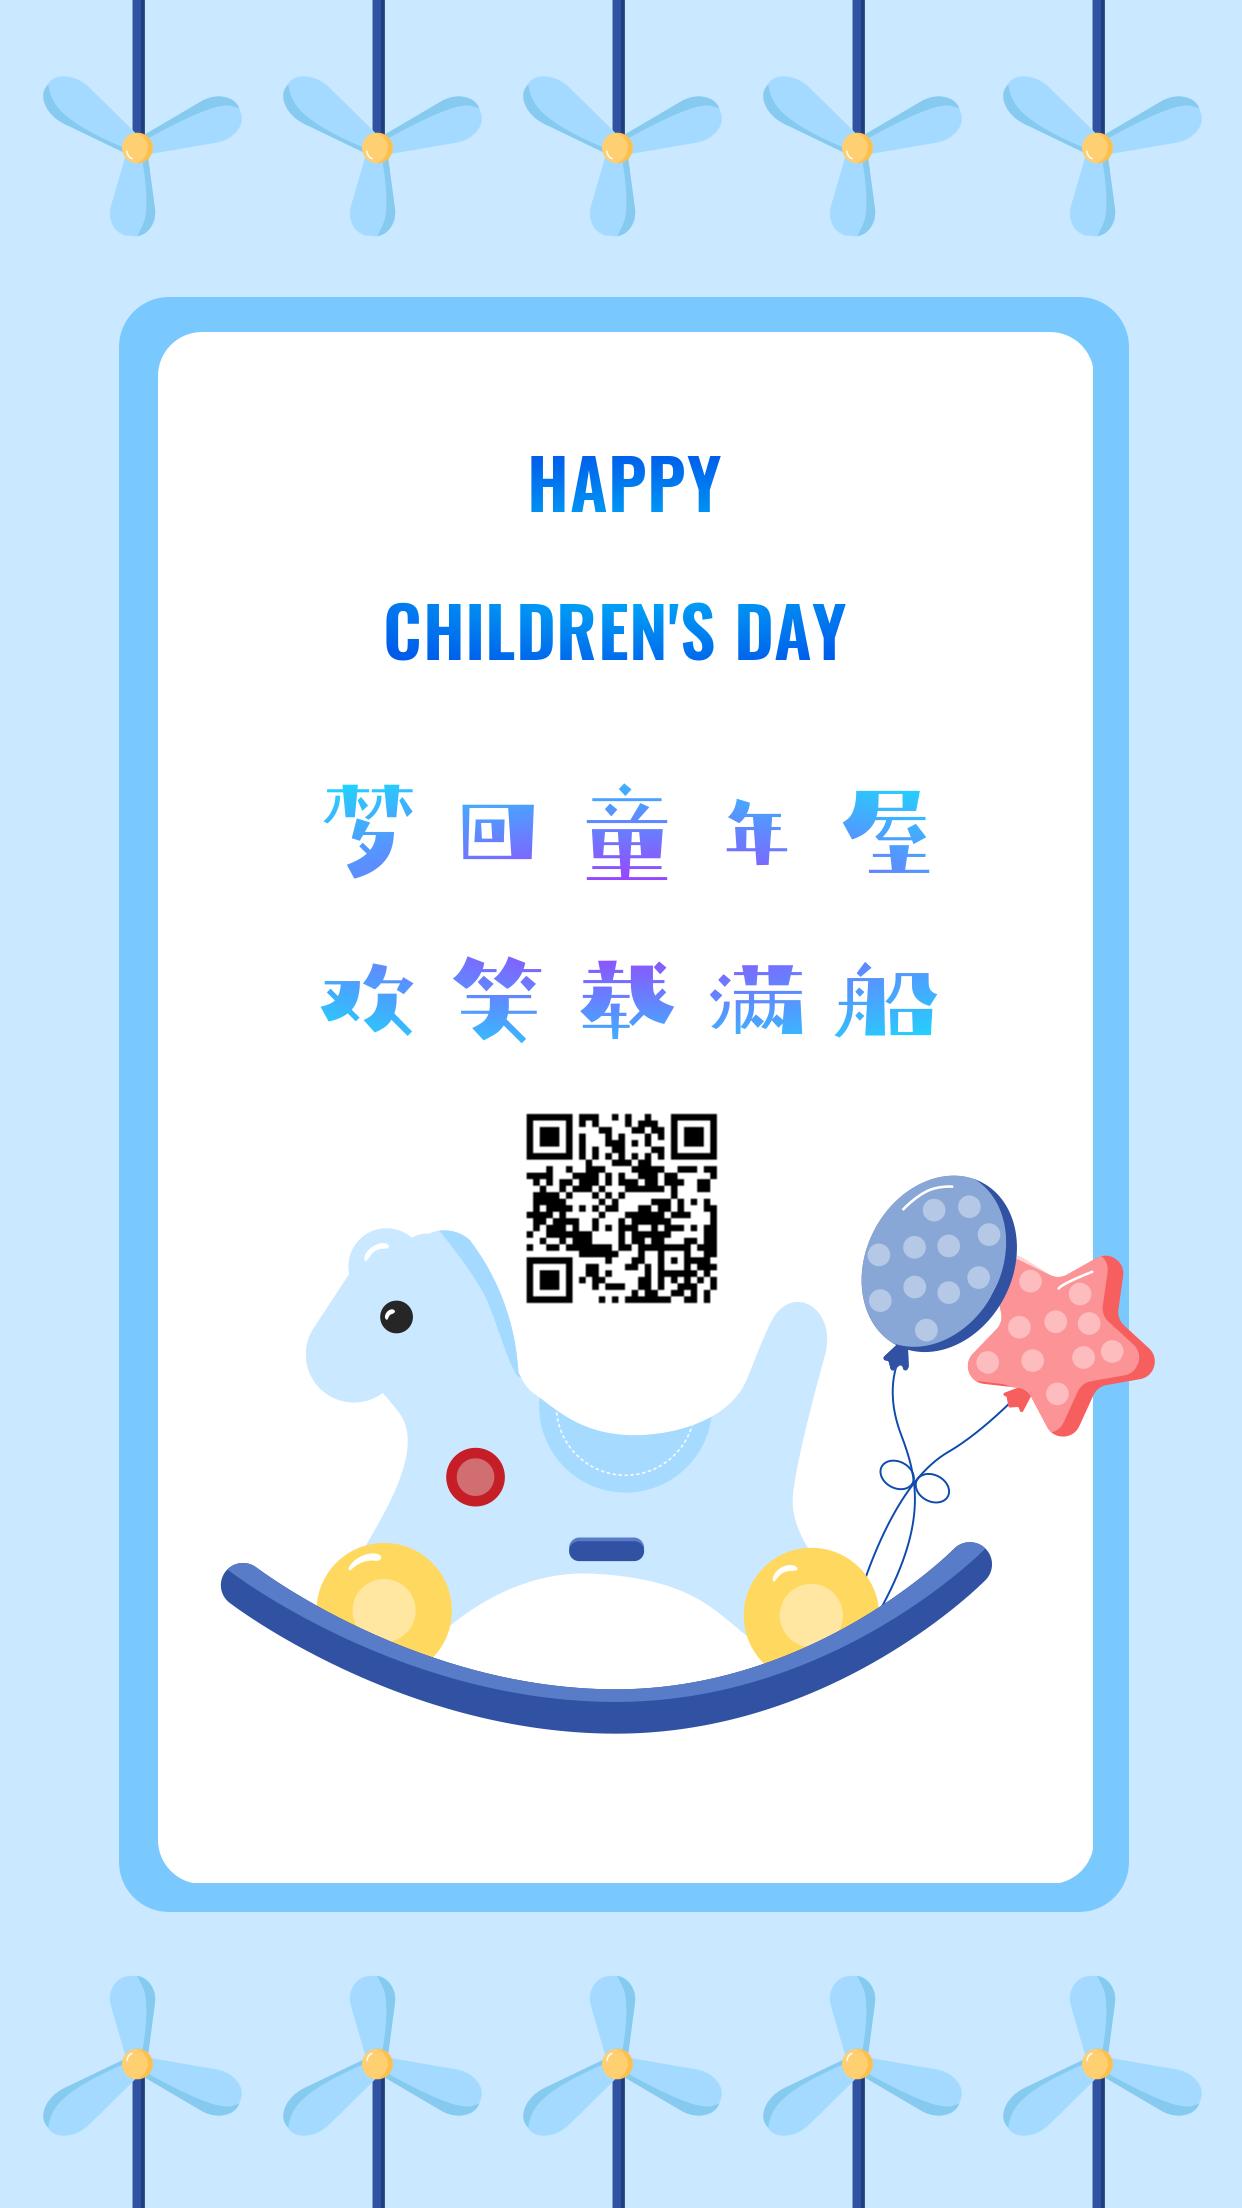 六一儿童节节日祝福贺卡海报